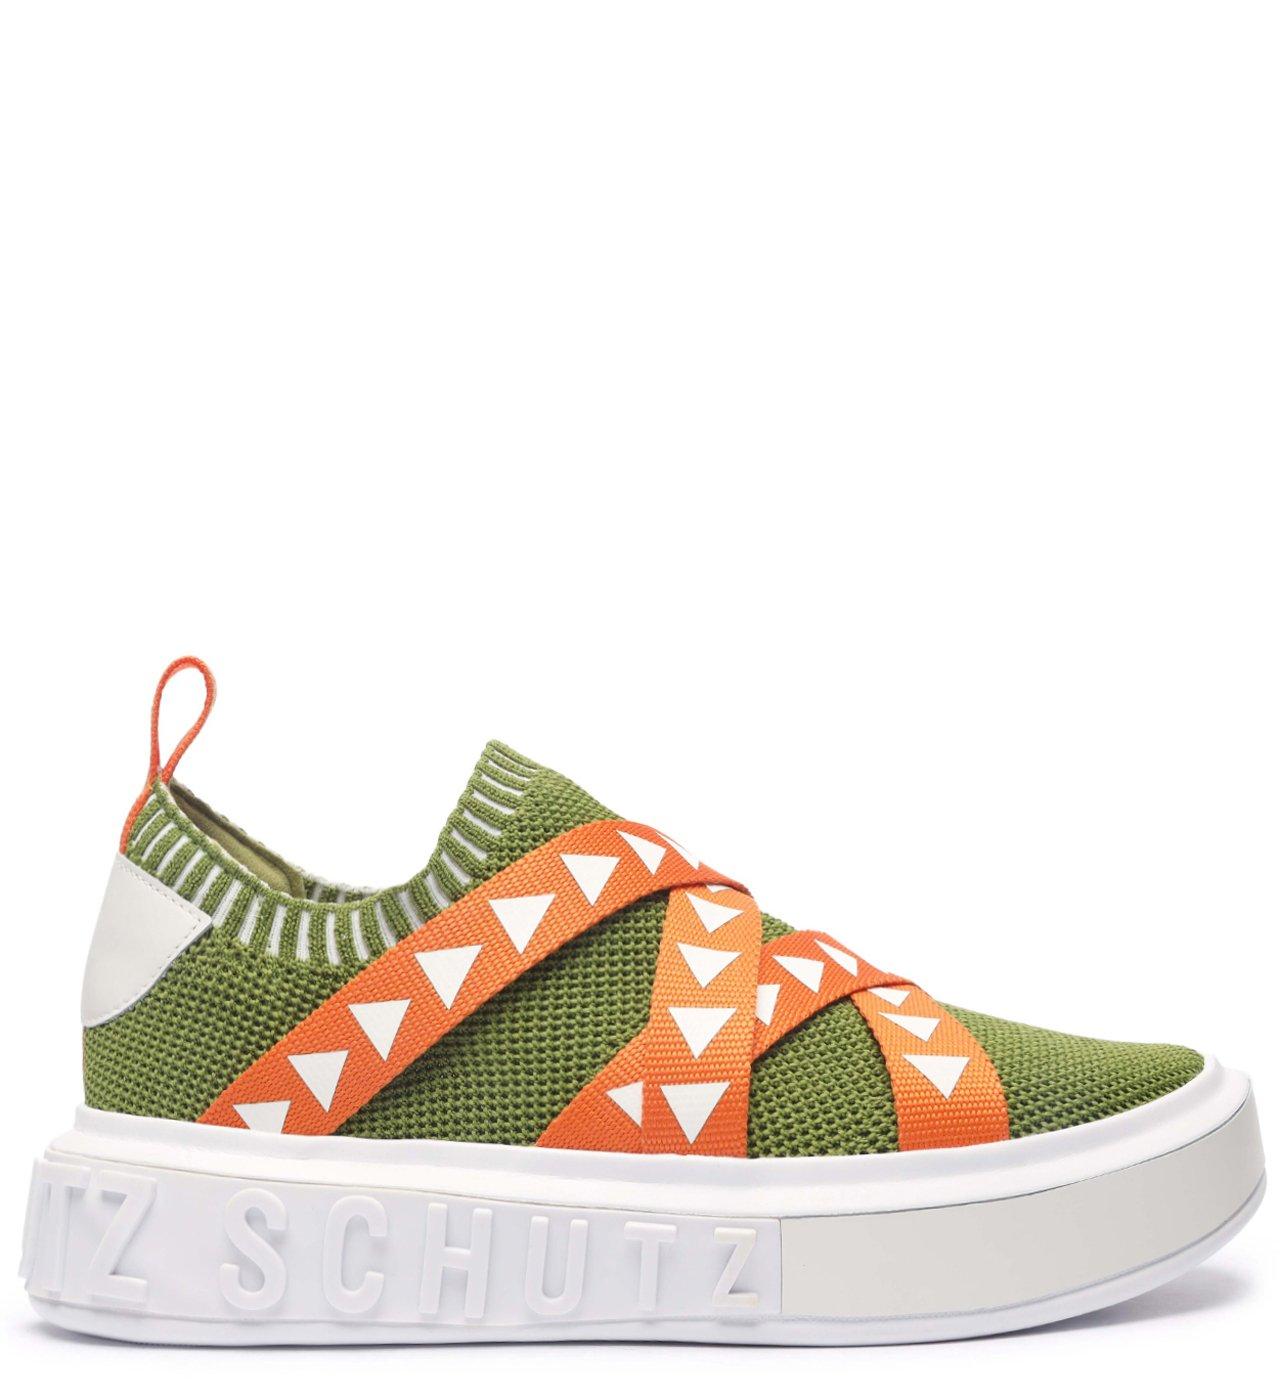 Tênis It Schutz Triangle Straps Green | Schutz